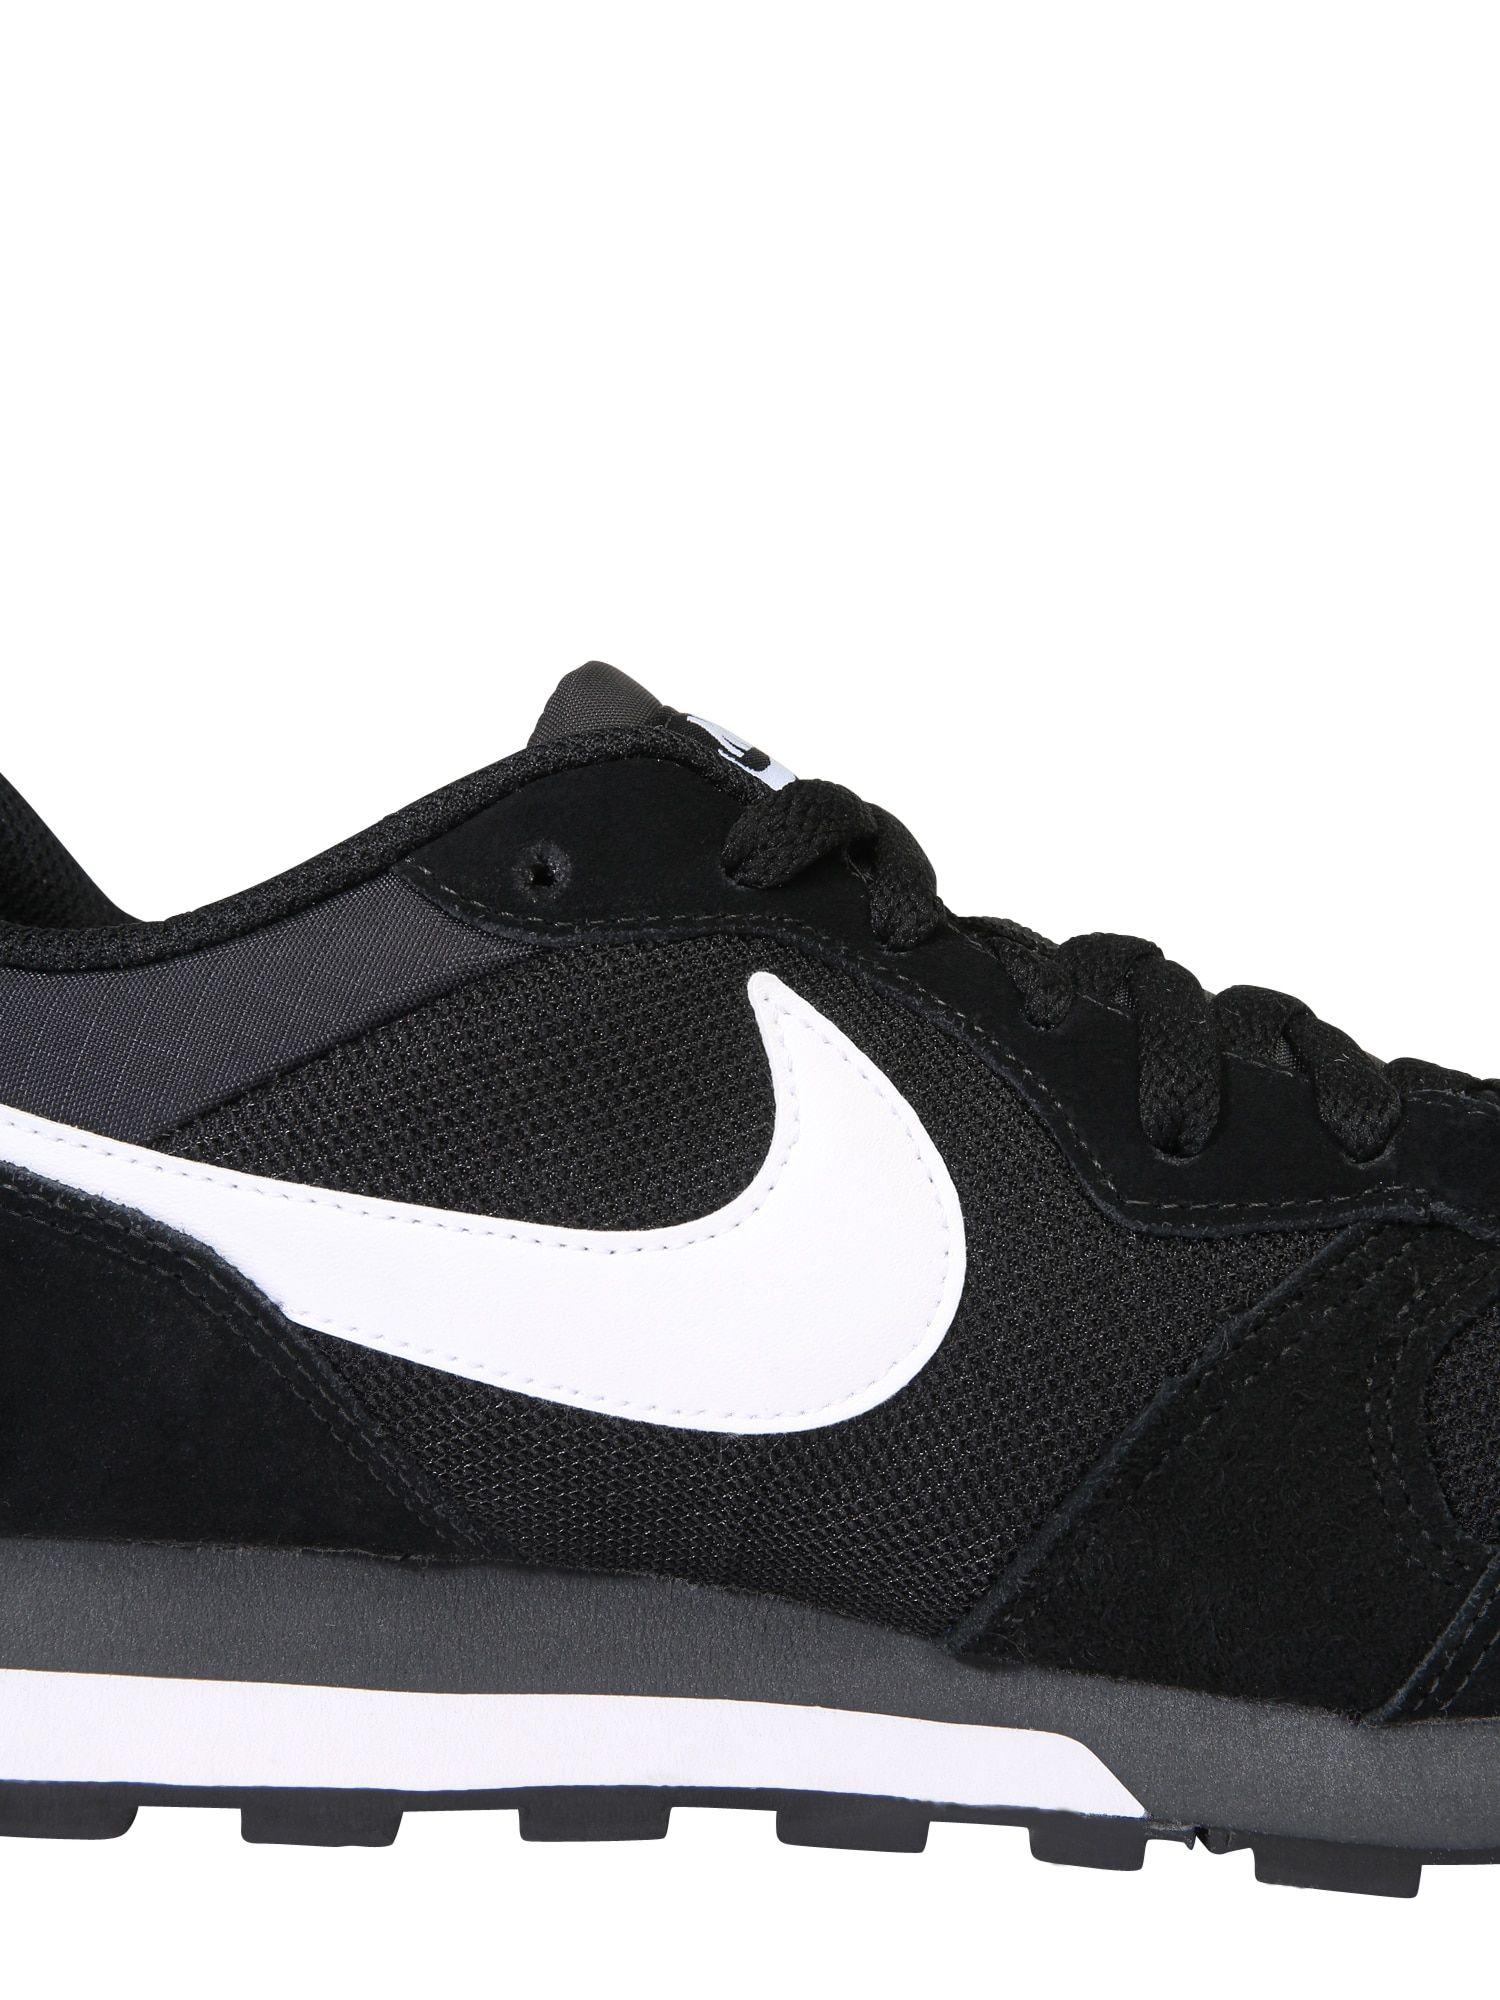 Nike Sportswear Sneaker 'Runner 2' Herren, Schwarz Weiß